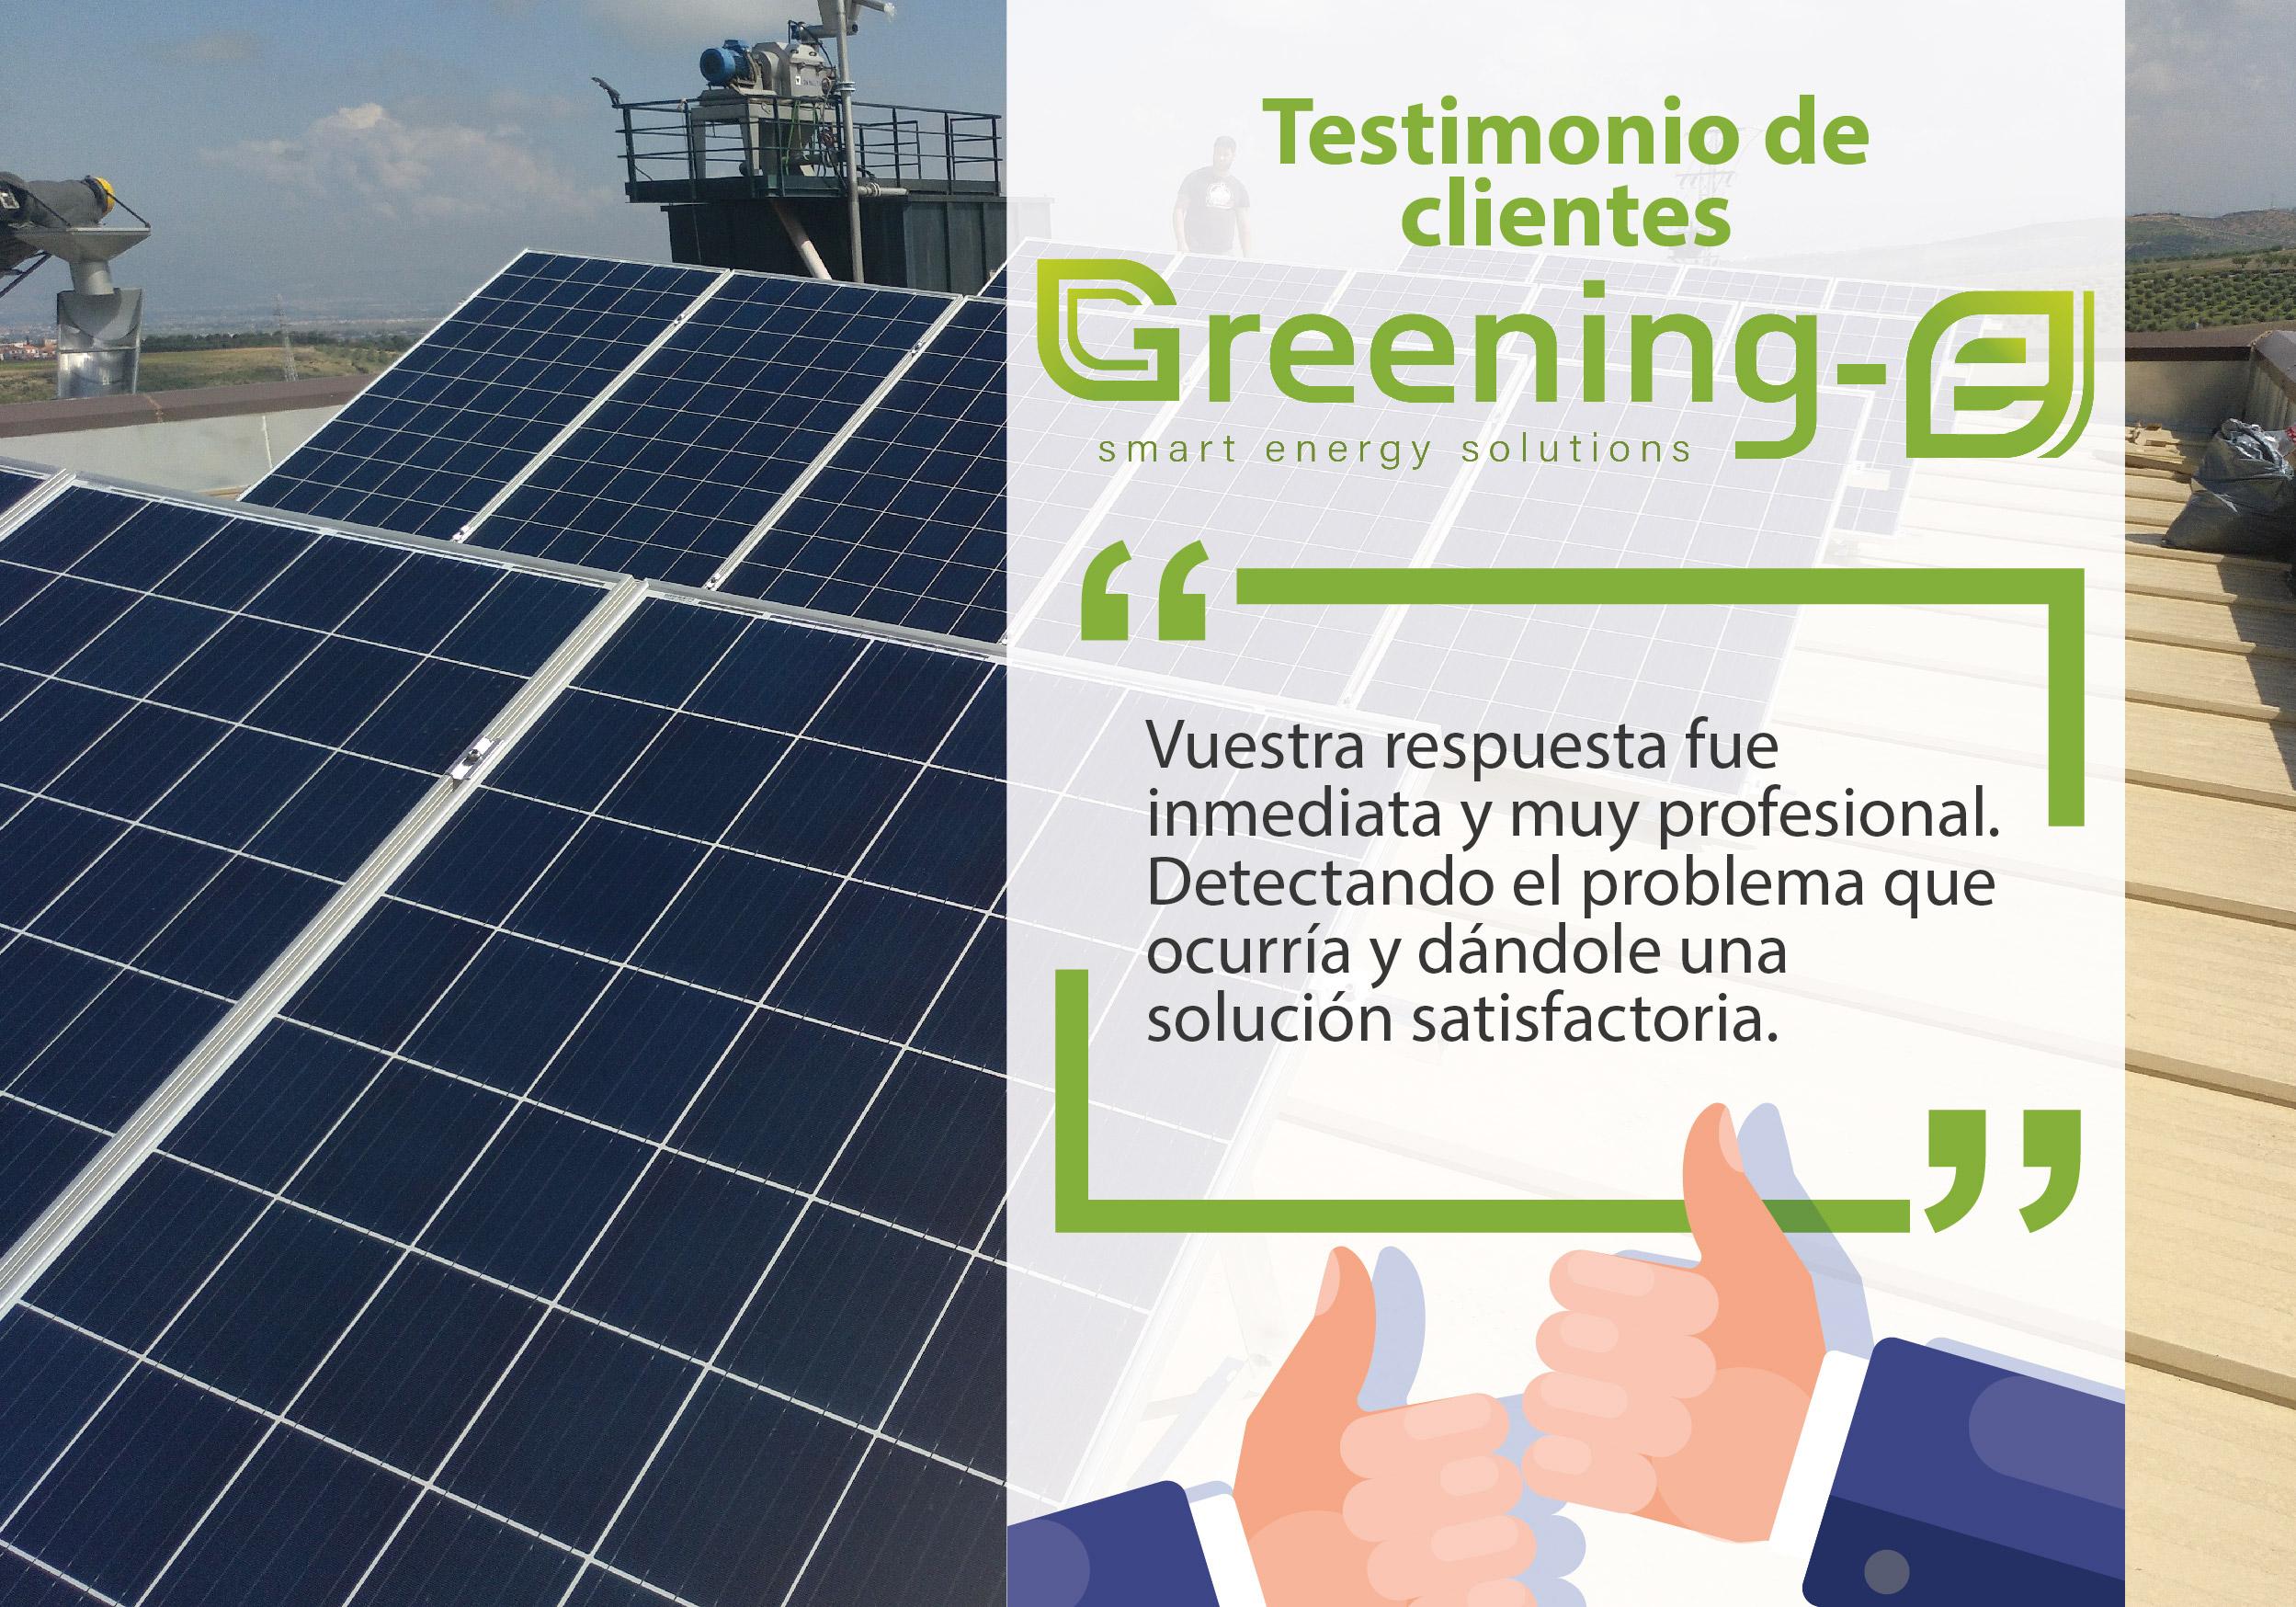 """Testimonios de clientes Greening-e: """"Vuestra respuesta fue inmediata y muy profesional"""""""